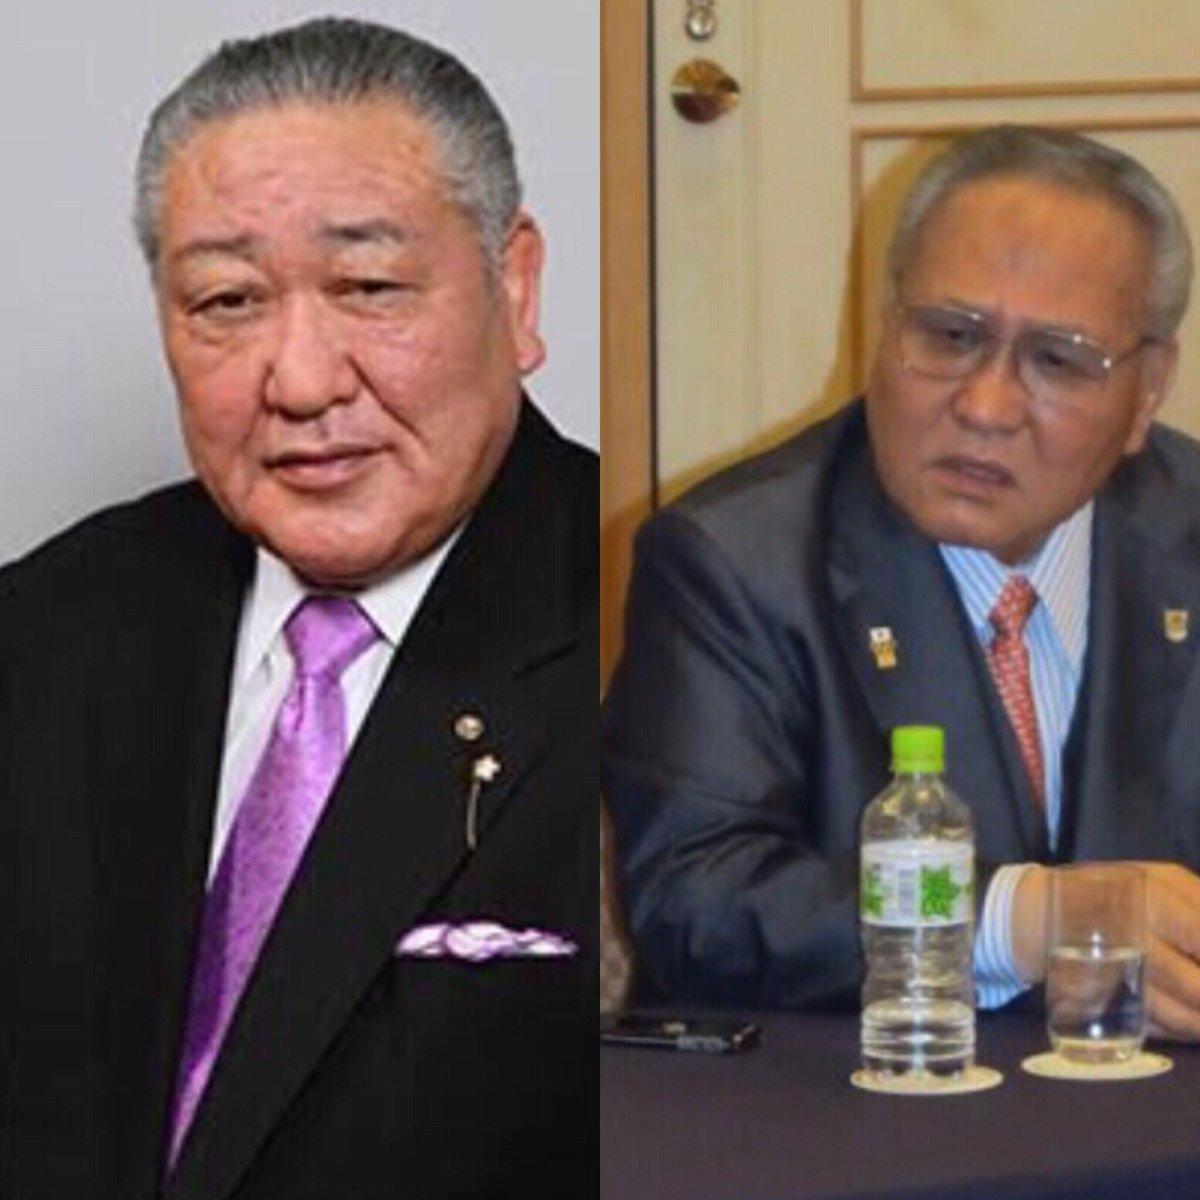 おゃ?報道テレビを見ていたら日大の田中理事長(左)と日本ボクシング連盟の山根終身会長(右)の893っぽい雰囲気が似ていることに気づいたのは私だけか?強面が支配する世界#日本大学 #田中理事長 #日本ボクシング連盟…